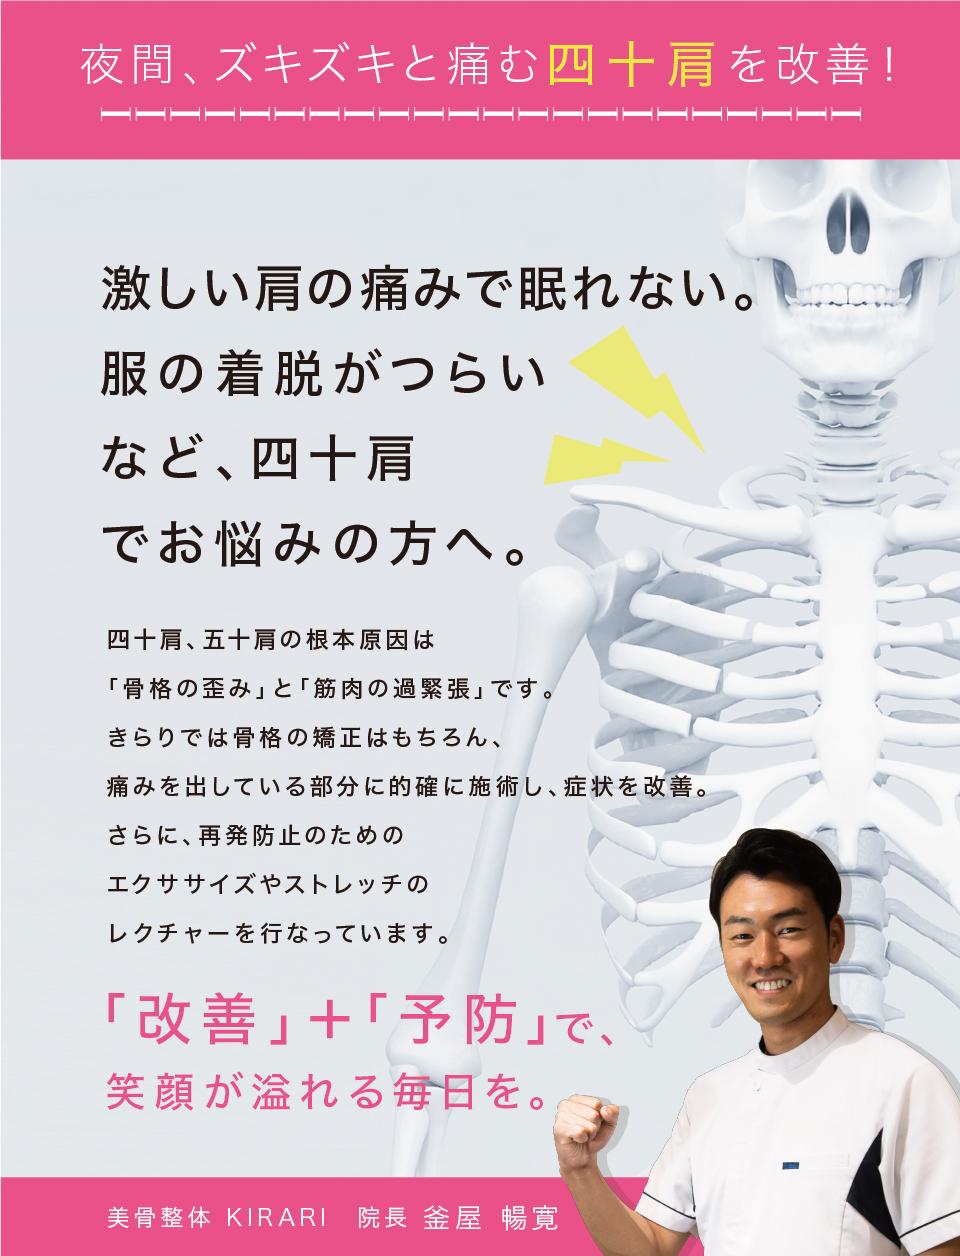 夜間、ズキズキと痛む四十肩を改善!激しい方の痛みで眠れない。服の着脱が辛いなど、四十肩でお悩みの方へ。四十肩、五十肩の根本原因は「骨格の歪み」と「筋肉の過緊張」です。きらりでは骨格の矯正はもちろん、痛みを出している部分に的確に施術し、症状を改善。更に、再発防止のためのエクササイズやストレッチのレクチャーを行っています。「改善」+「予防」で、笑顔が溢れる毎日を。